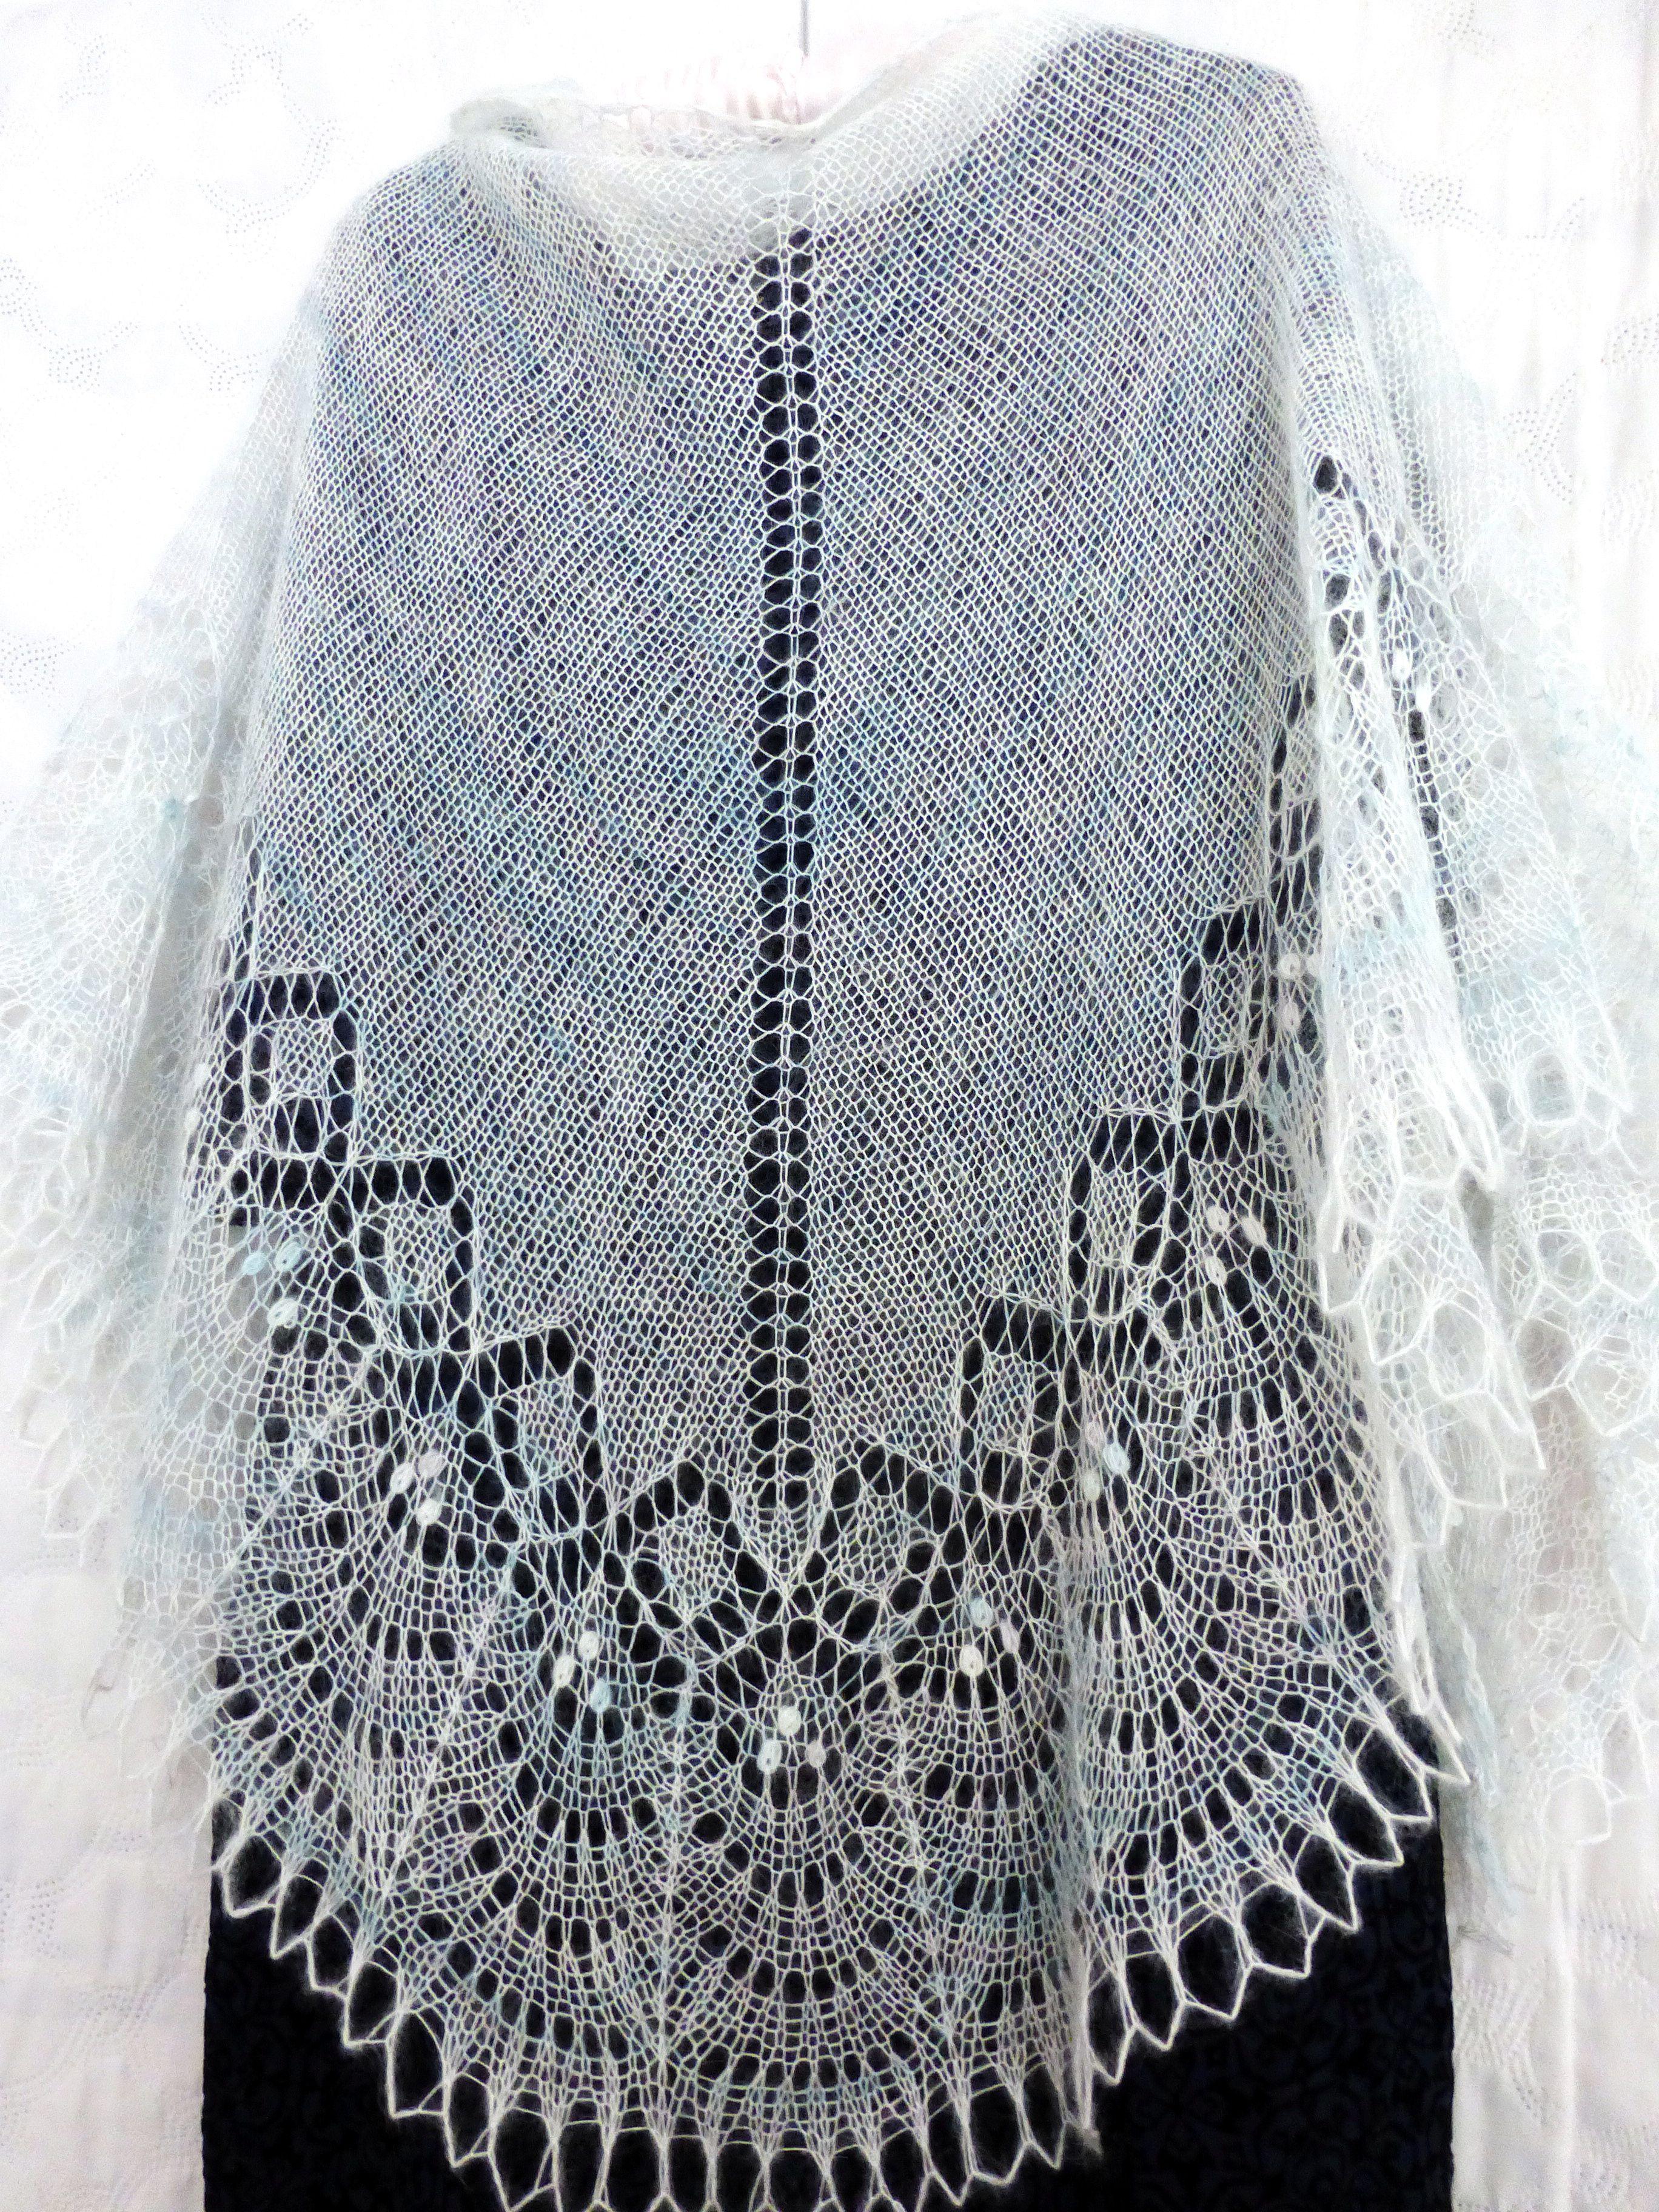 ажурная палантин подарок бохо вязание пуховыйплаток шальажурная шерсть вязаная аксессуар белый шарф шаль ажур свадьба